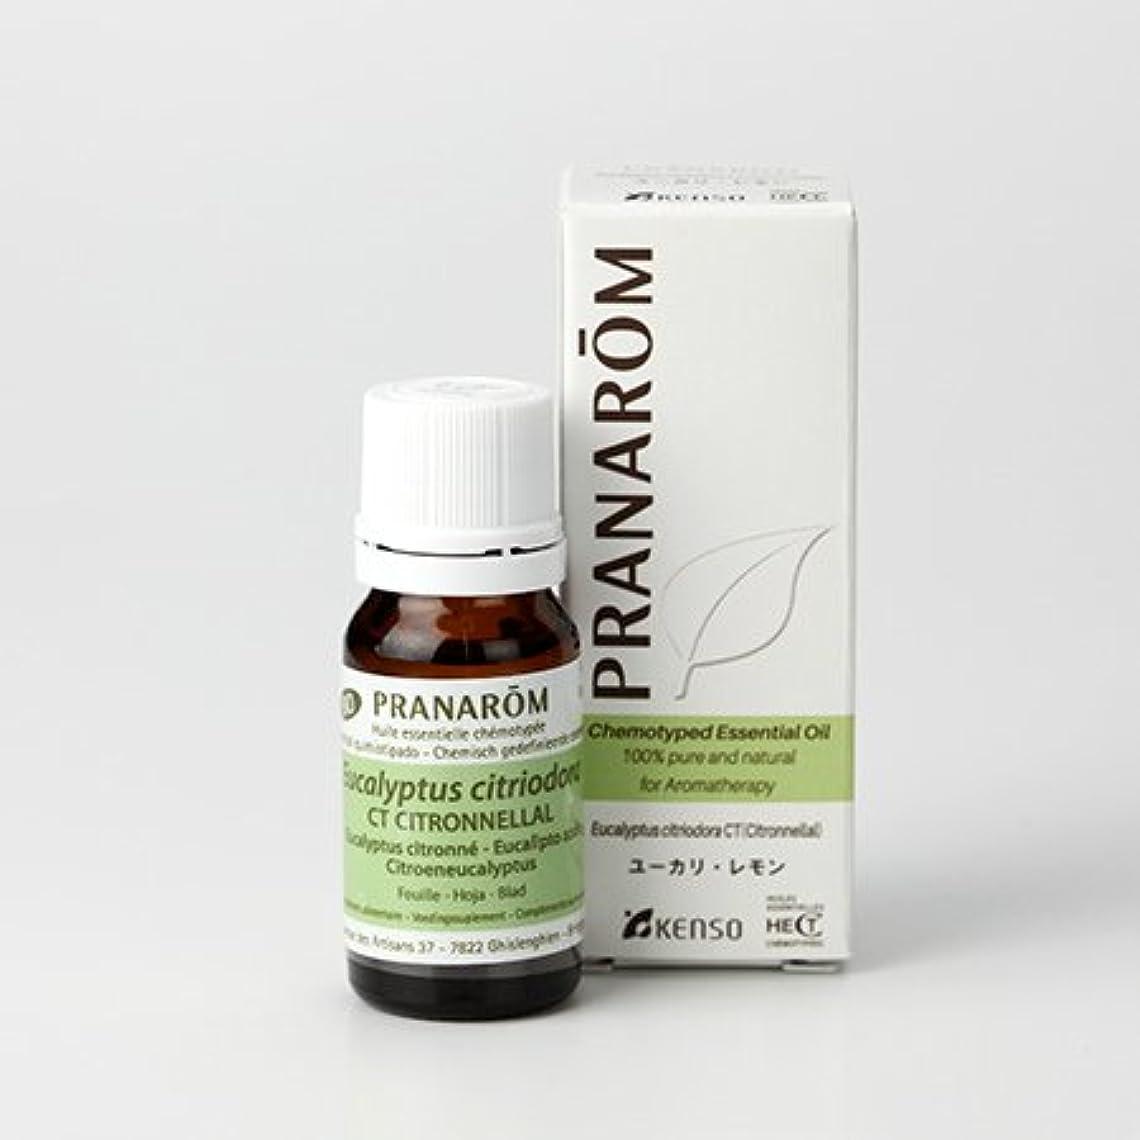 ねじれ崩壊の慈悲でプラナロム ユーカリレモン 10ml (PRANAROM ケモタイプ精油)